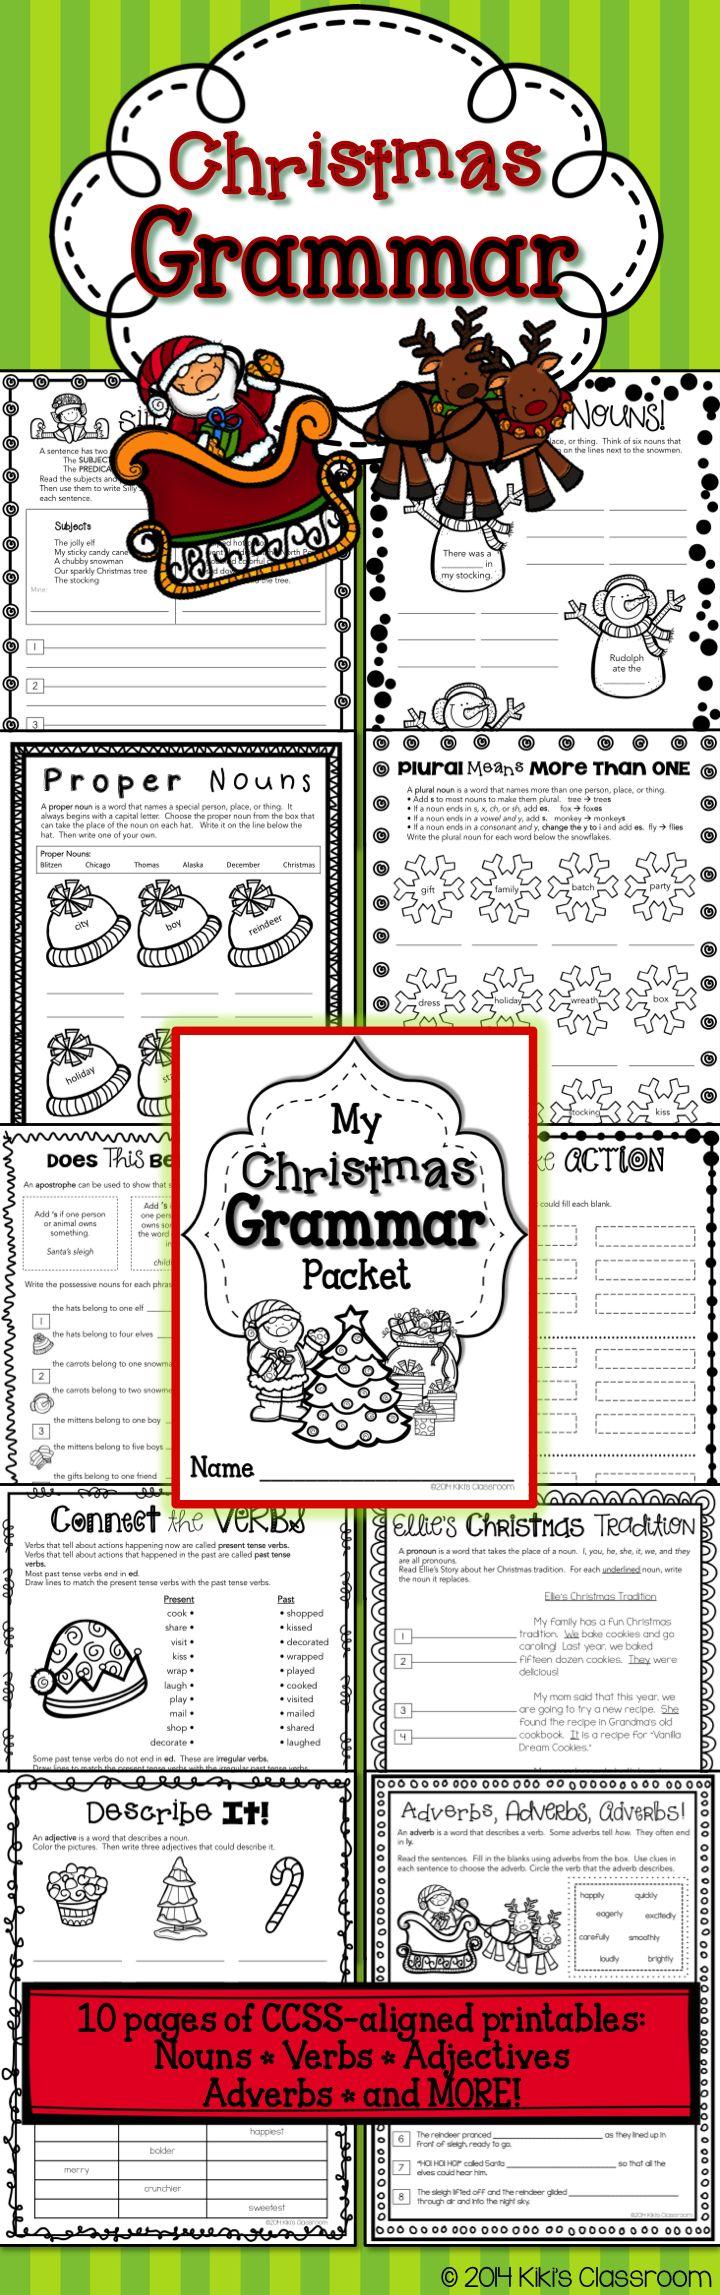 3rd Grade Christmas Activities 3rd Grade Christmas Grammar Parts Of Speech Nouns And Verbs Nouns Verbs Adjectives 2nd Grade Writing